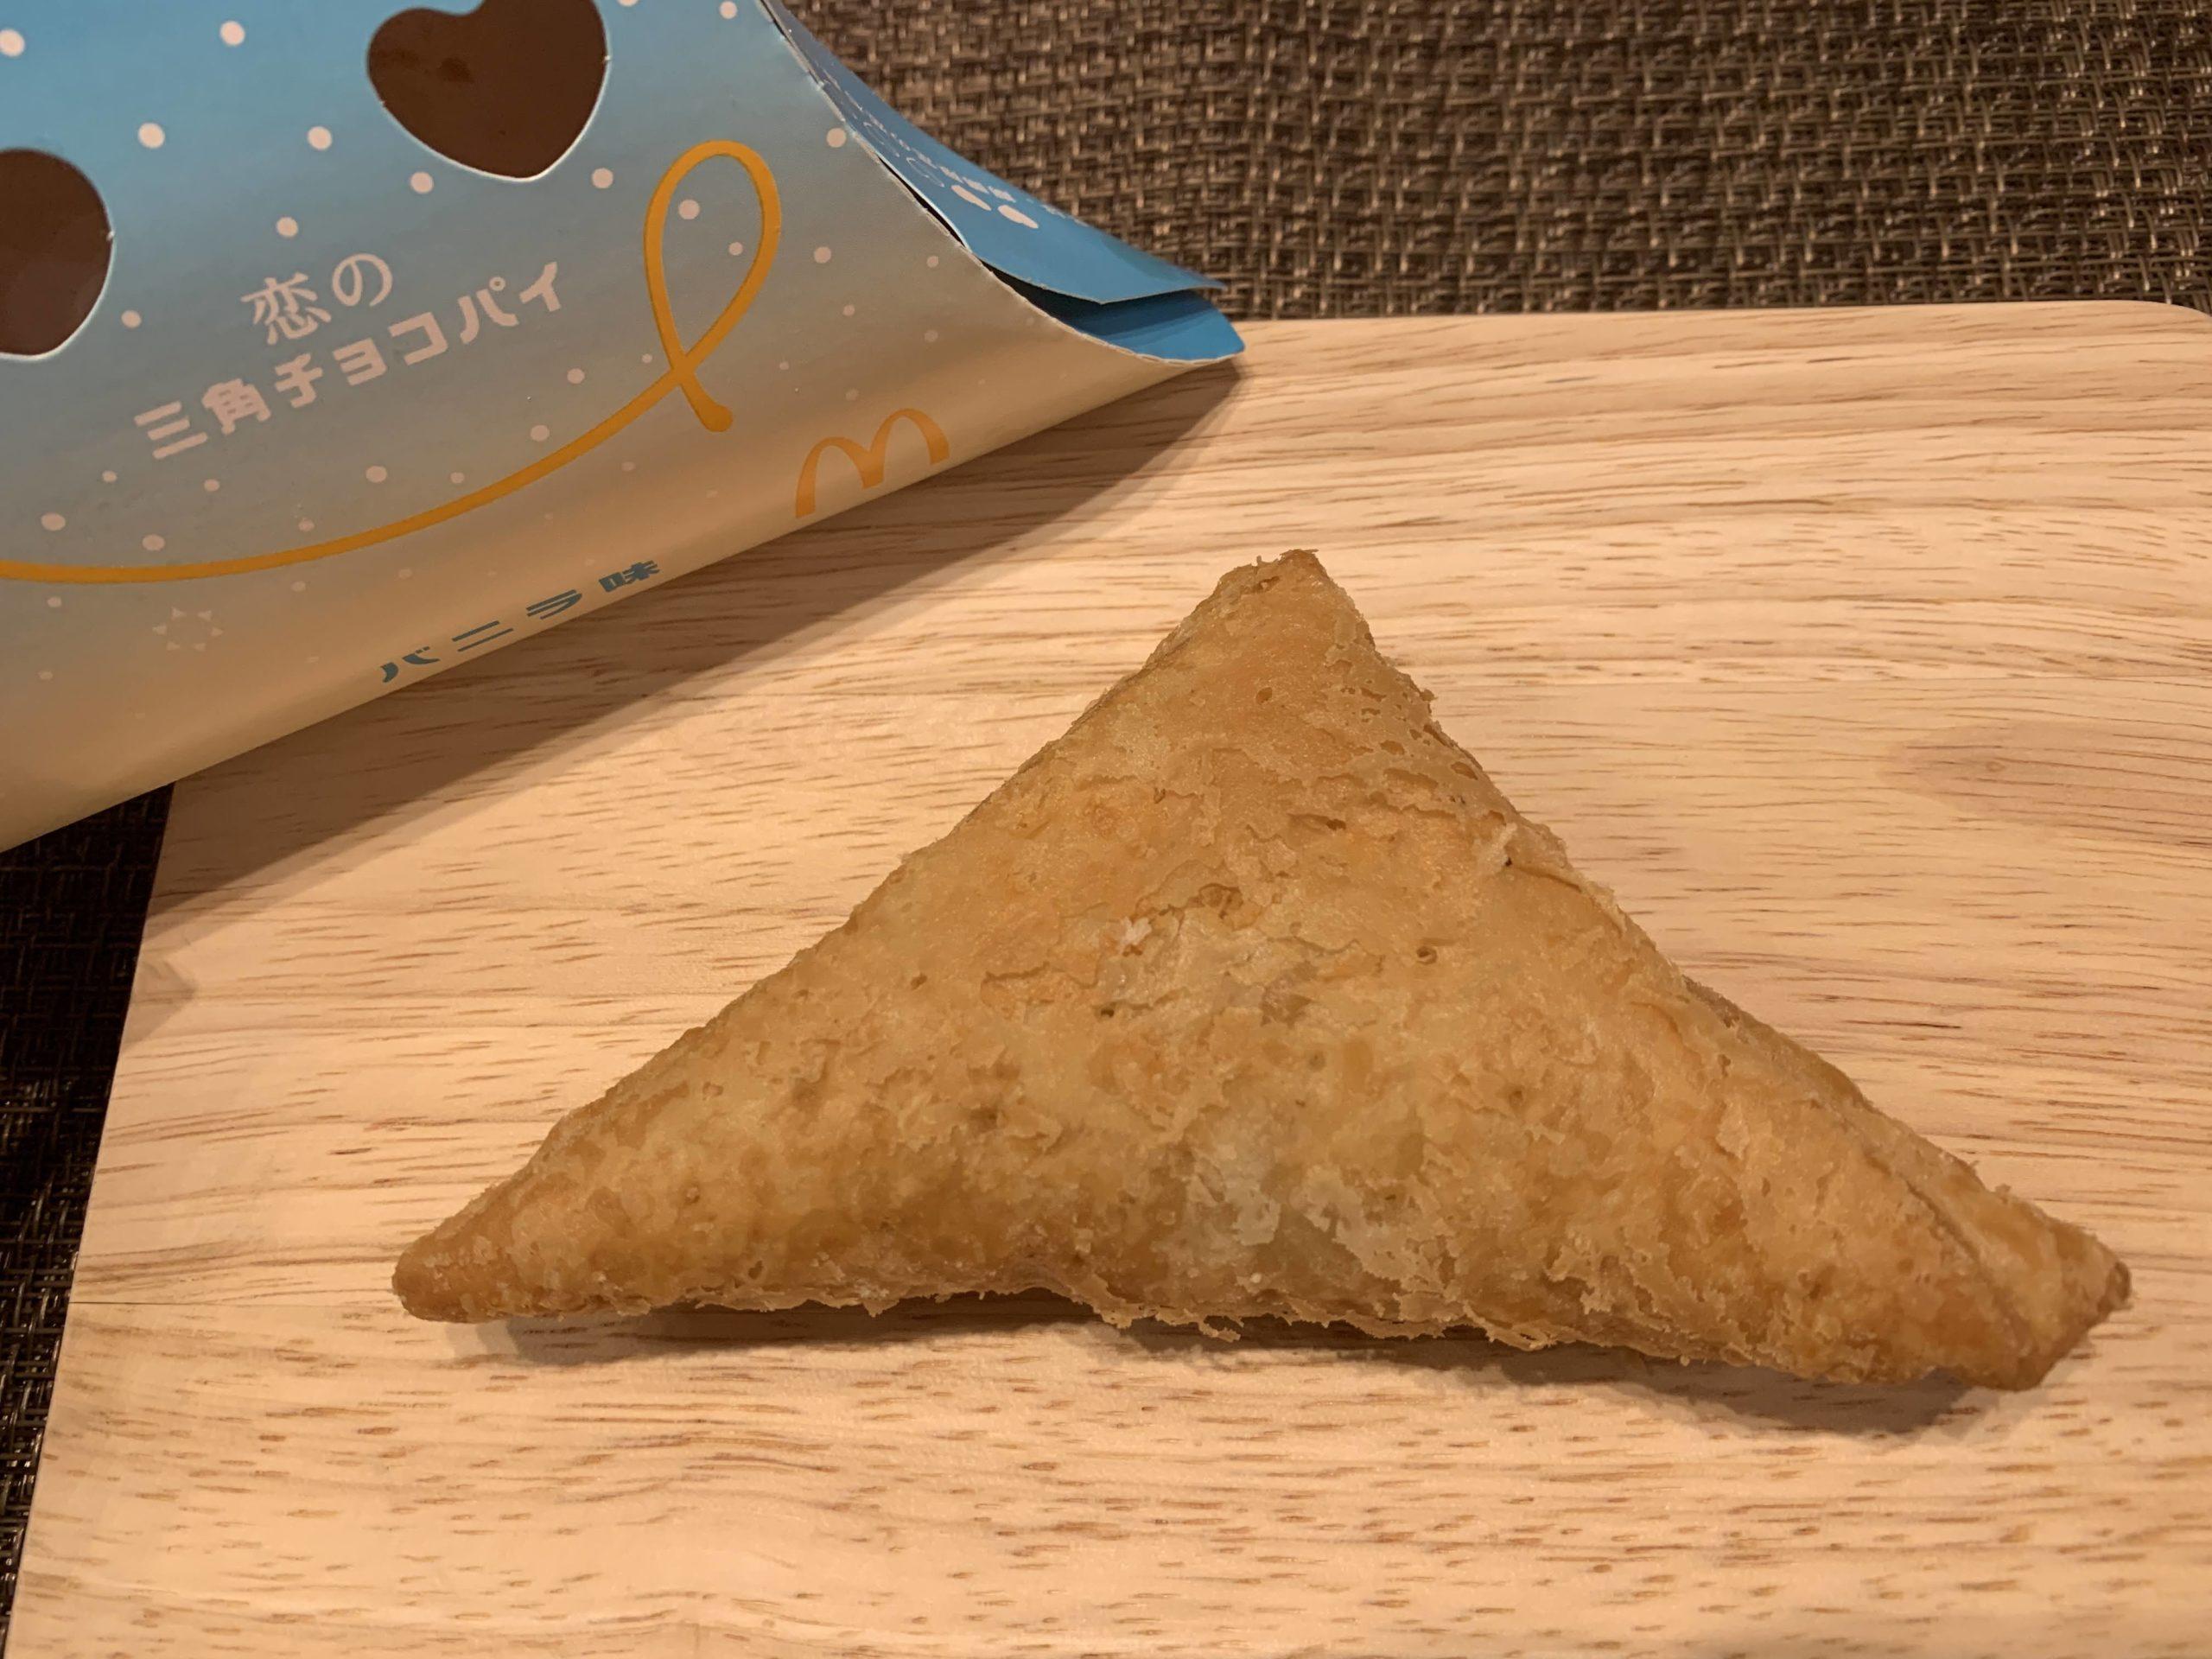 マック恋の三角チョコパイバニラ味は美味しい?実食レビュー